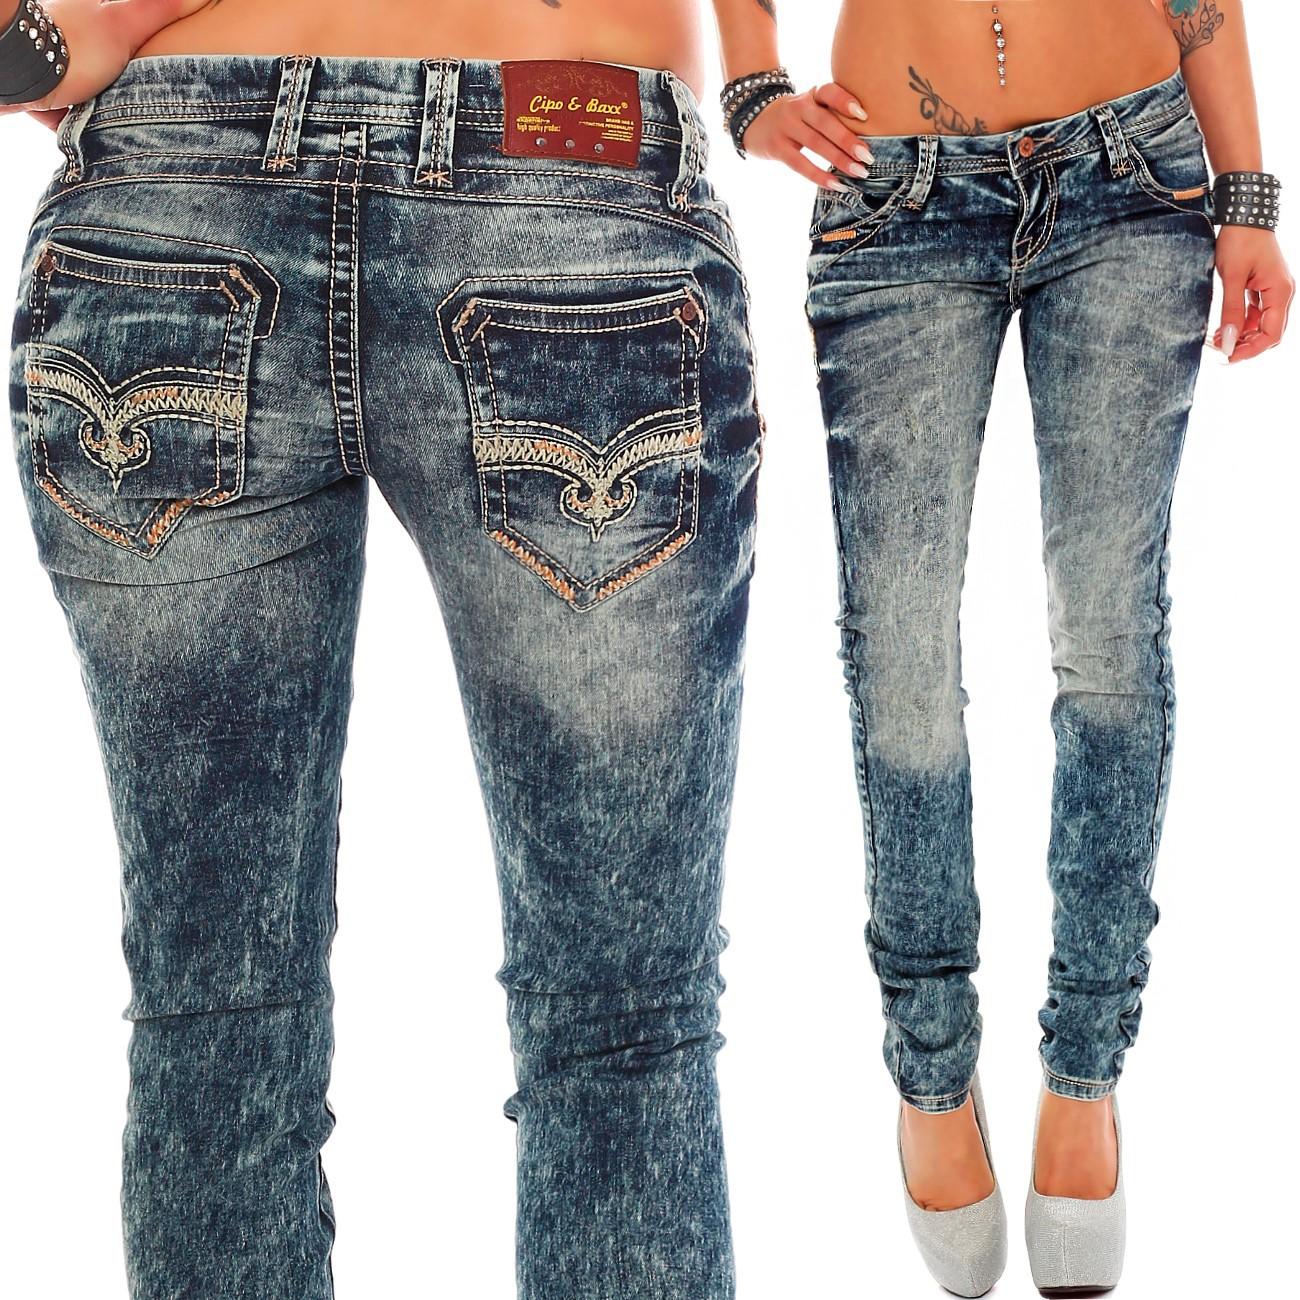 Verschiedene-Cipo-amp-Baxx-Damen-Jeans-Hosen-Slim-Fit-Regular-Fit-Streetwear Indexbild 6